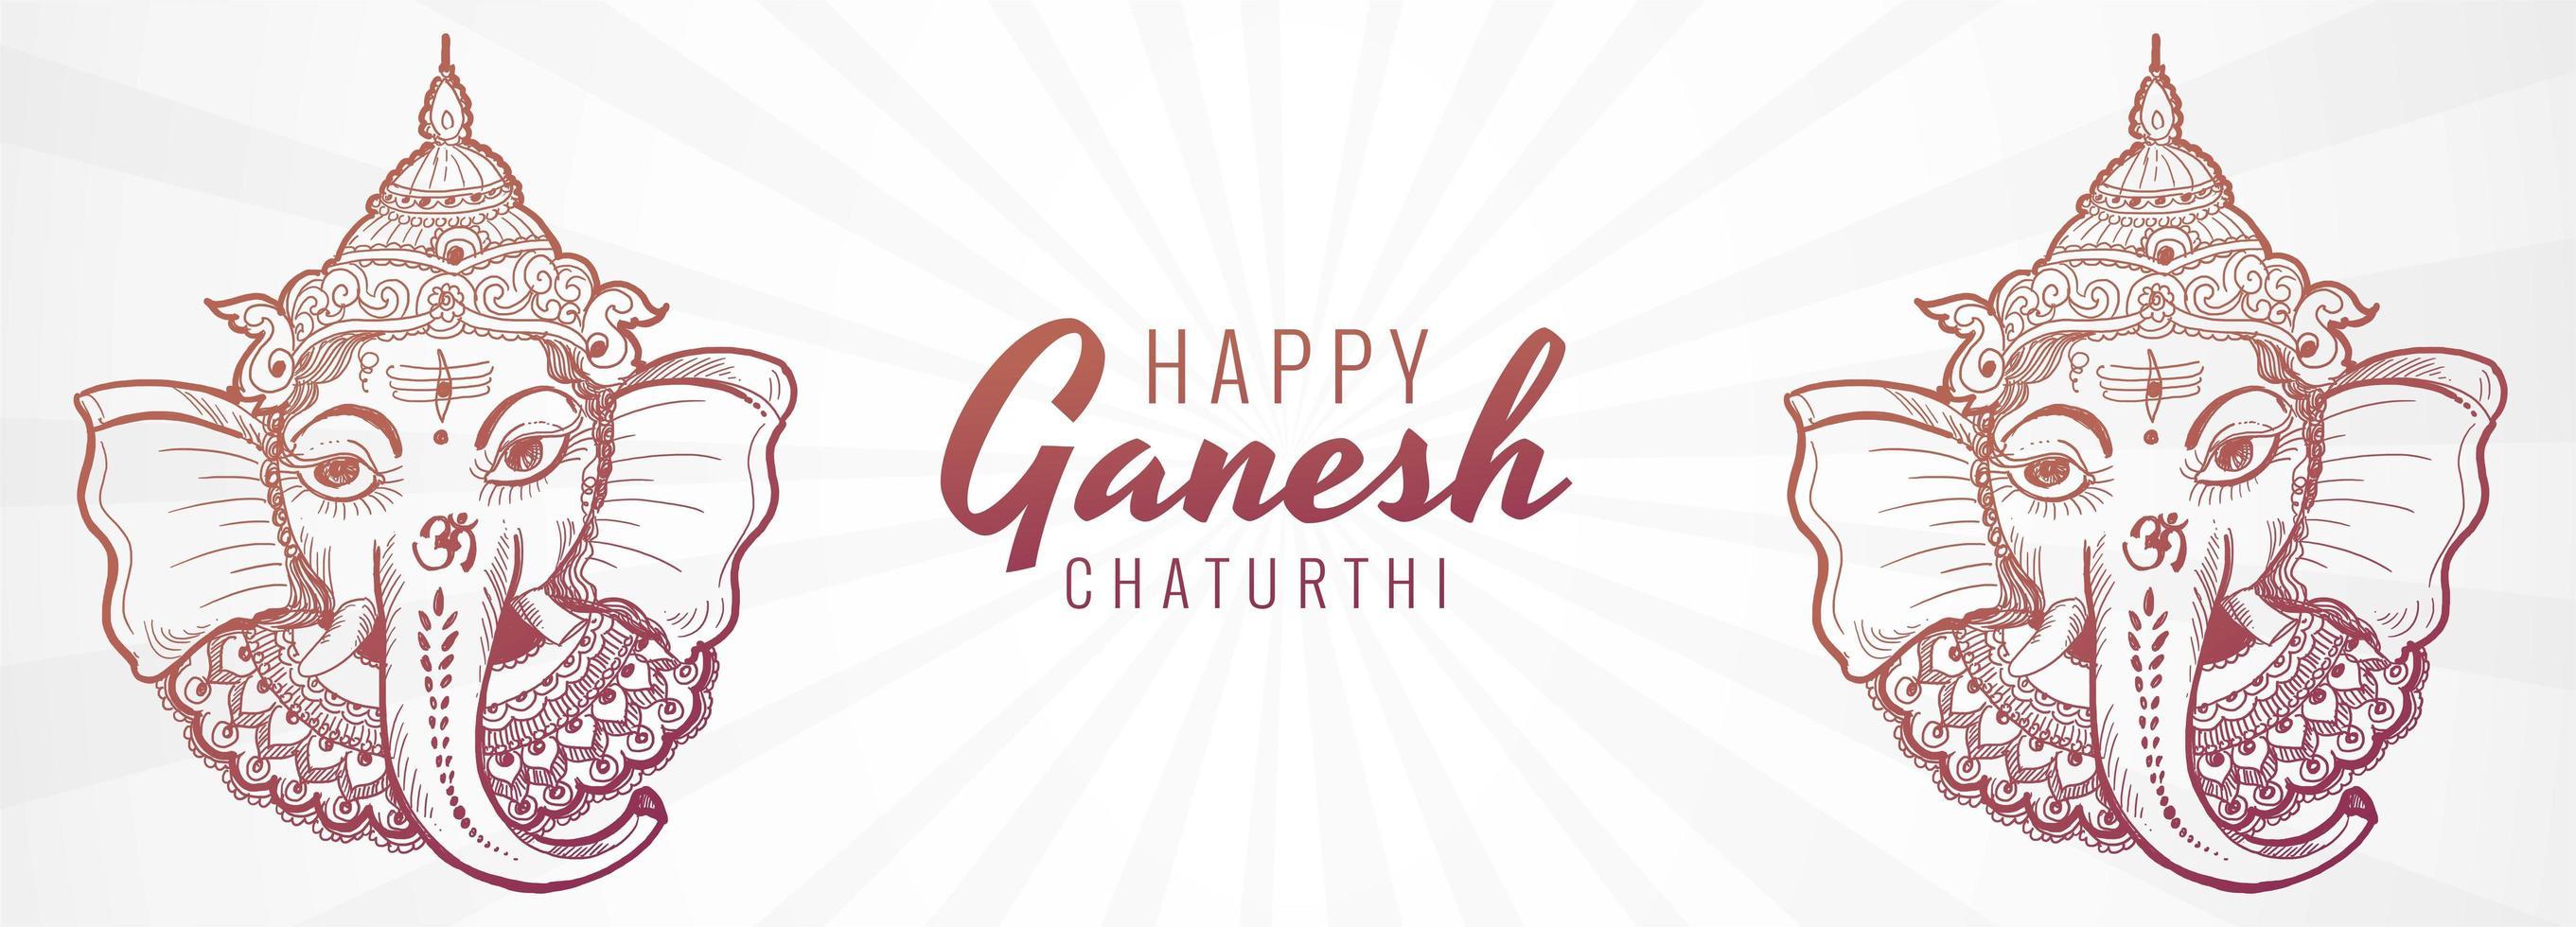 banner artístico creativo del festival ganesh chaturthi vector